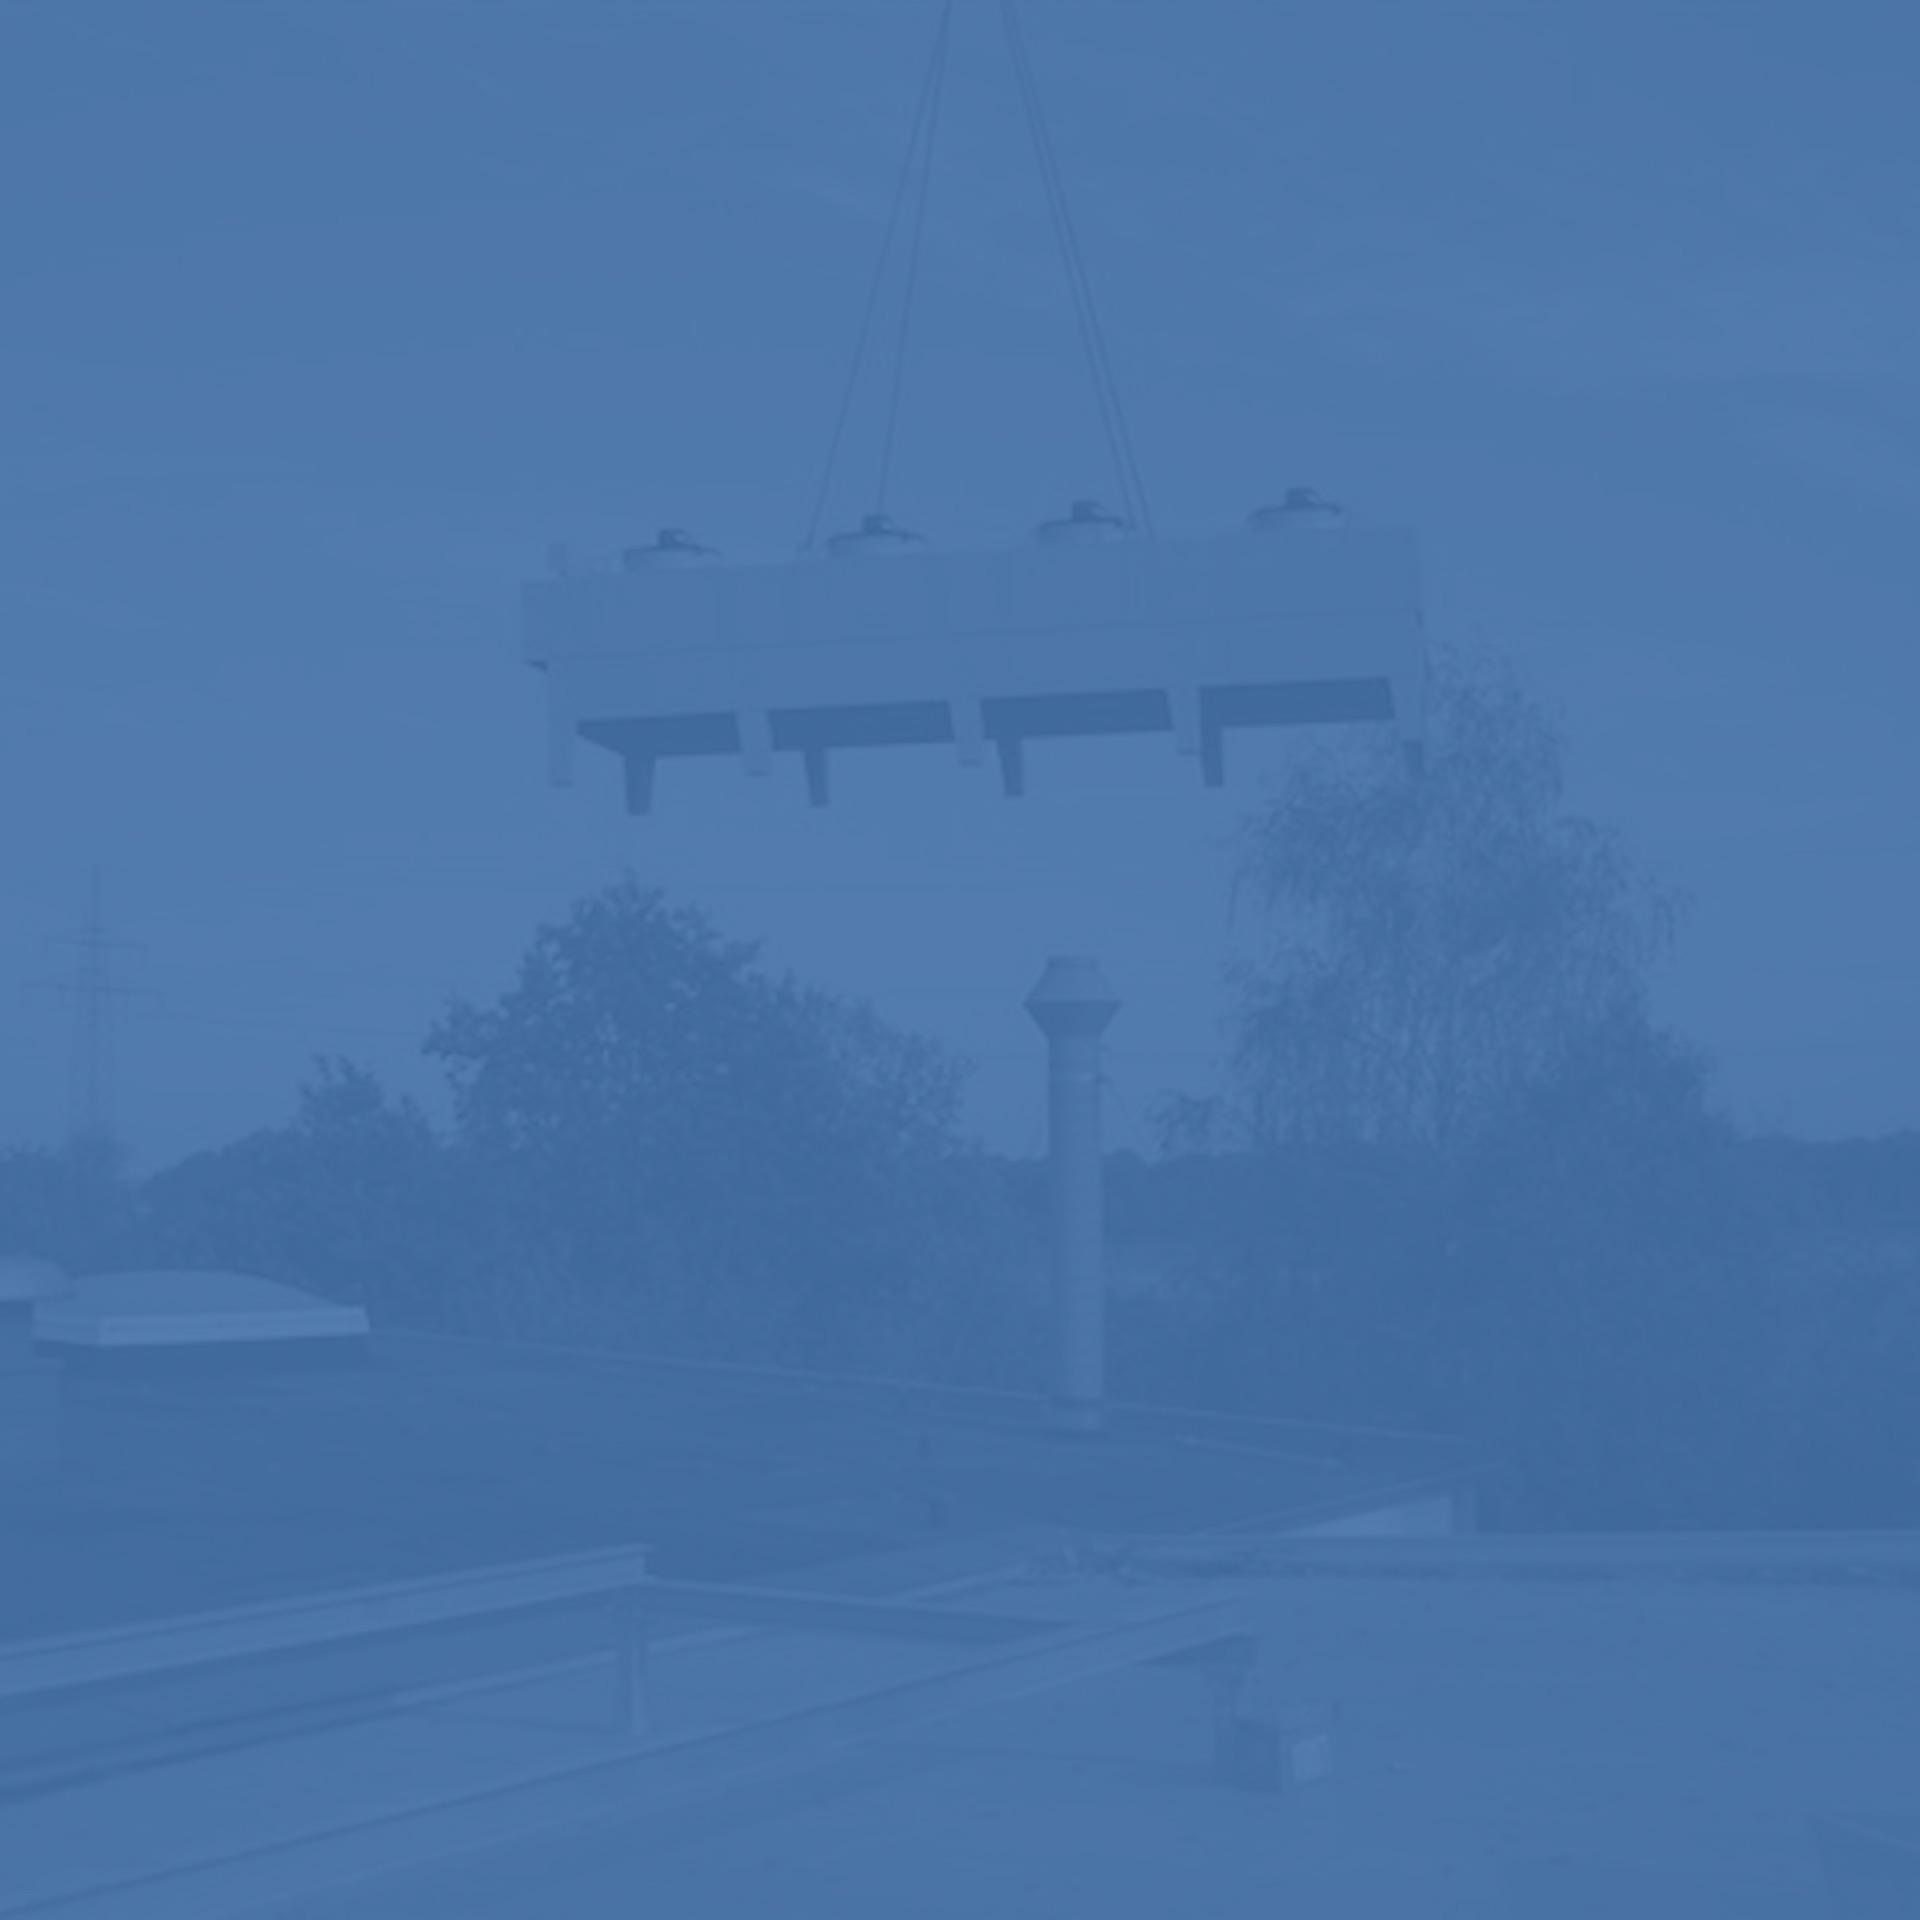 GWA_Kuehlanlagentechnik_Luftkuehler_mit_Ventilator_2_Gesellschaft_fuer_Waerme_und_Anlagentechnik_monochrom